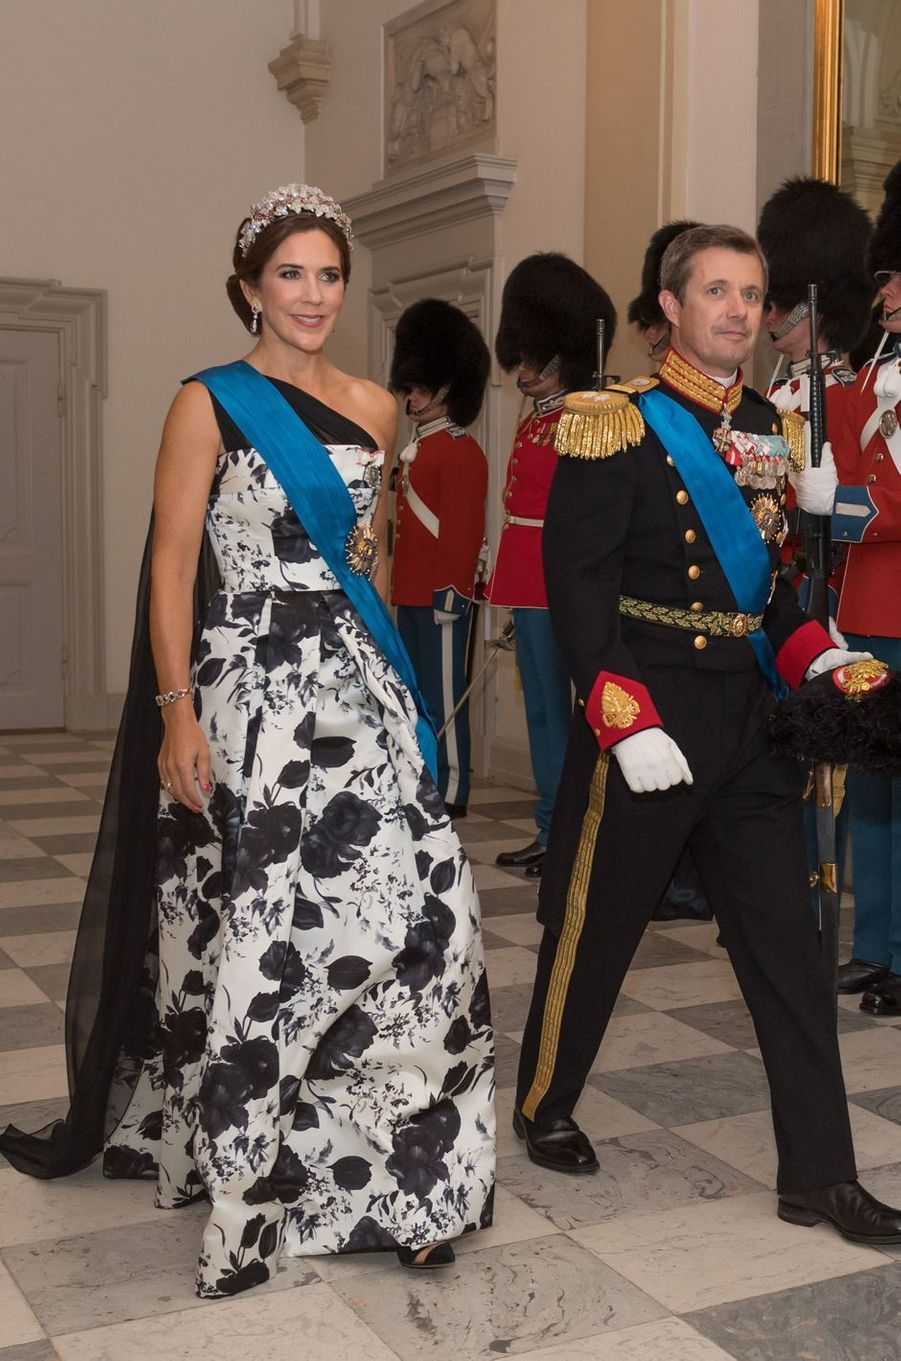 La princesse Mary de Danemark dans une robe Lasse Spangenberg, le 28 août 2018